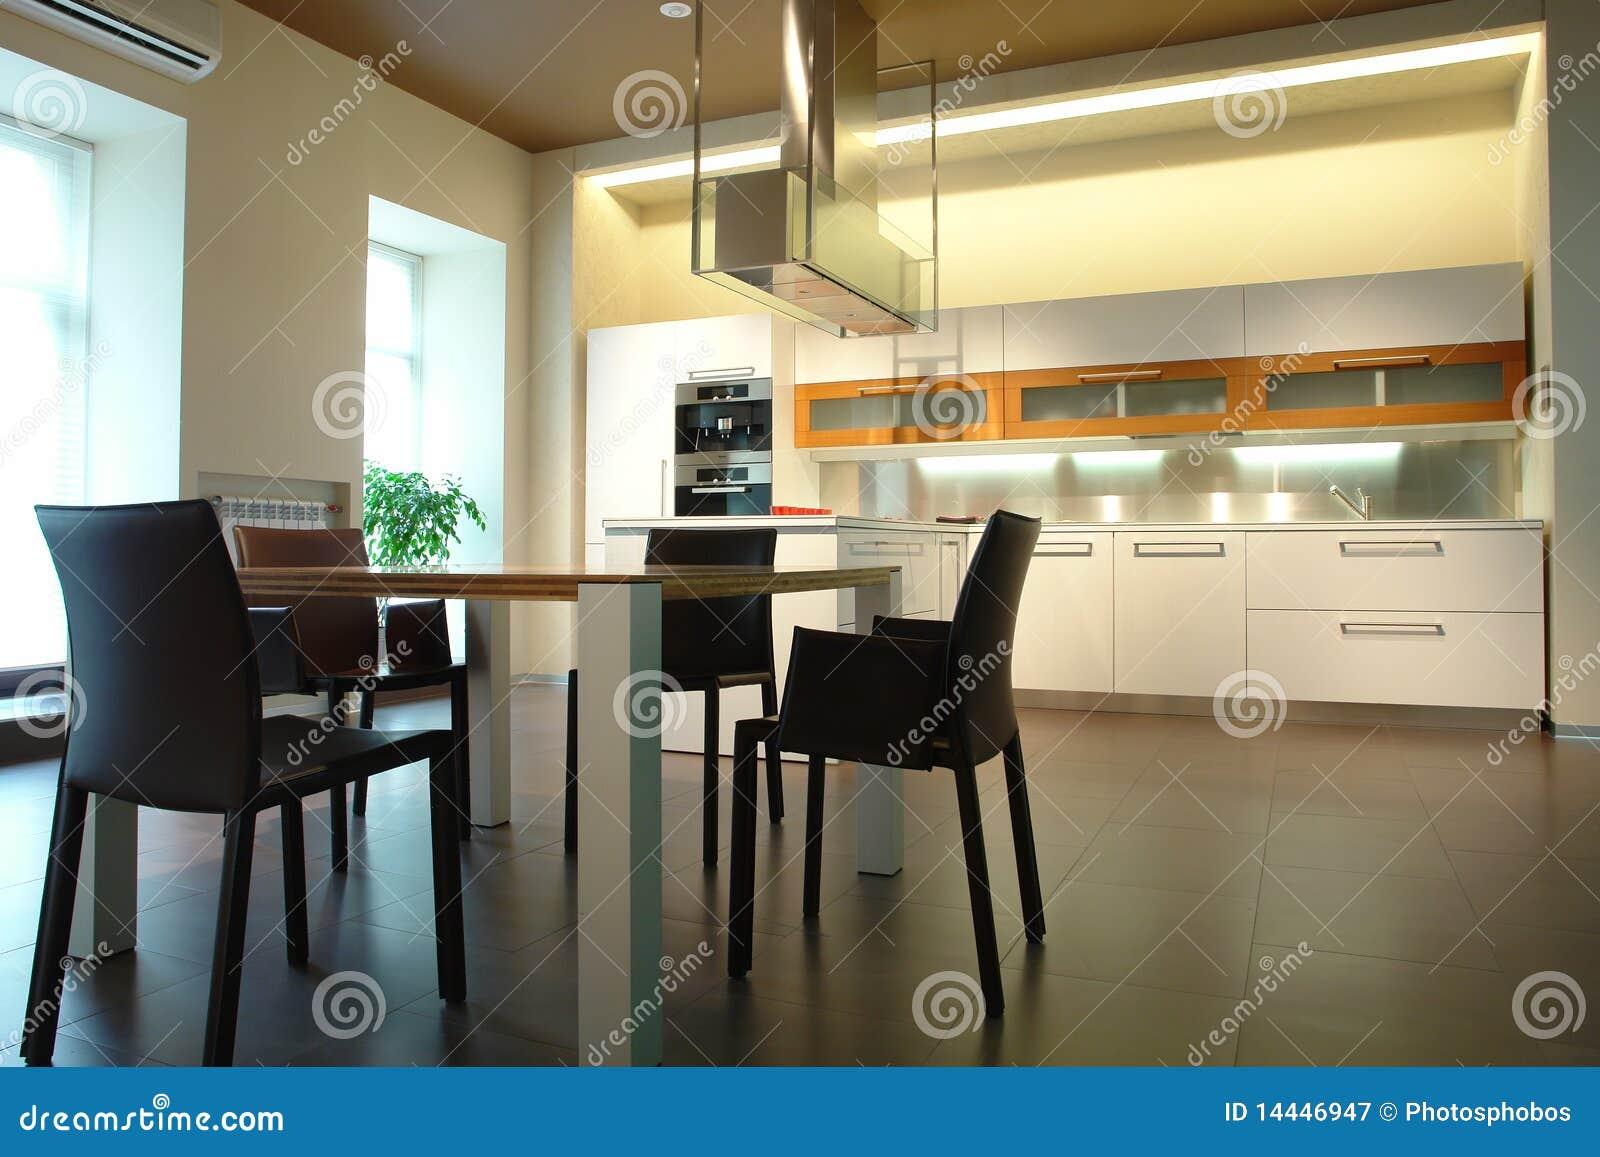 Cucina e sala da pranzo immagine stock. Immagine di ...